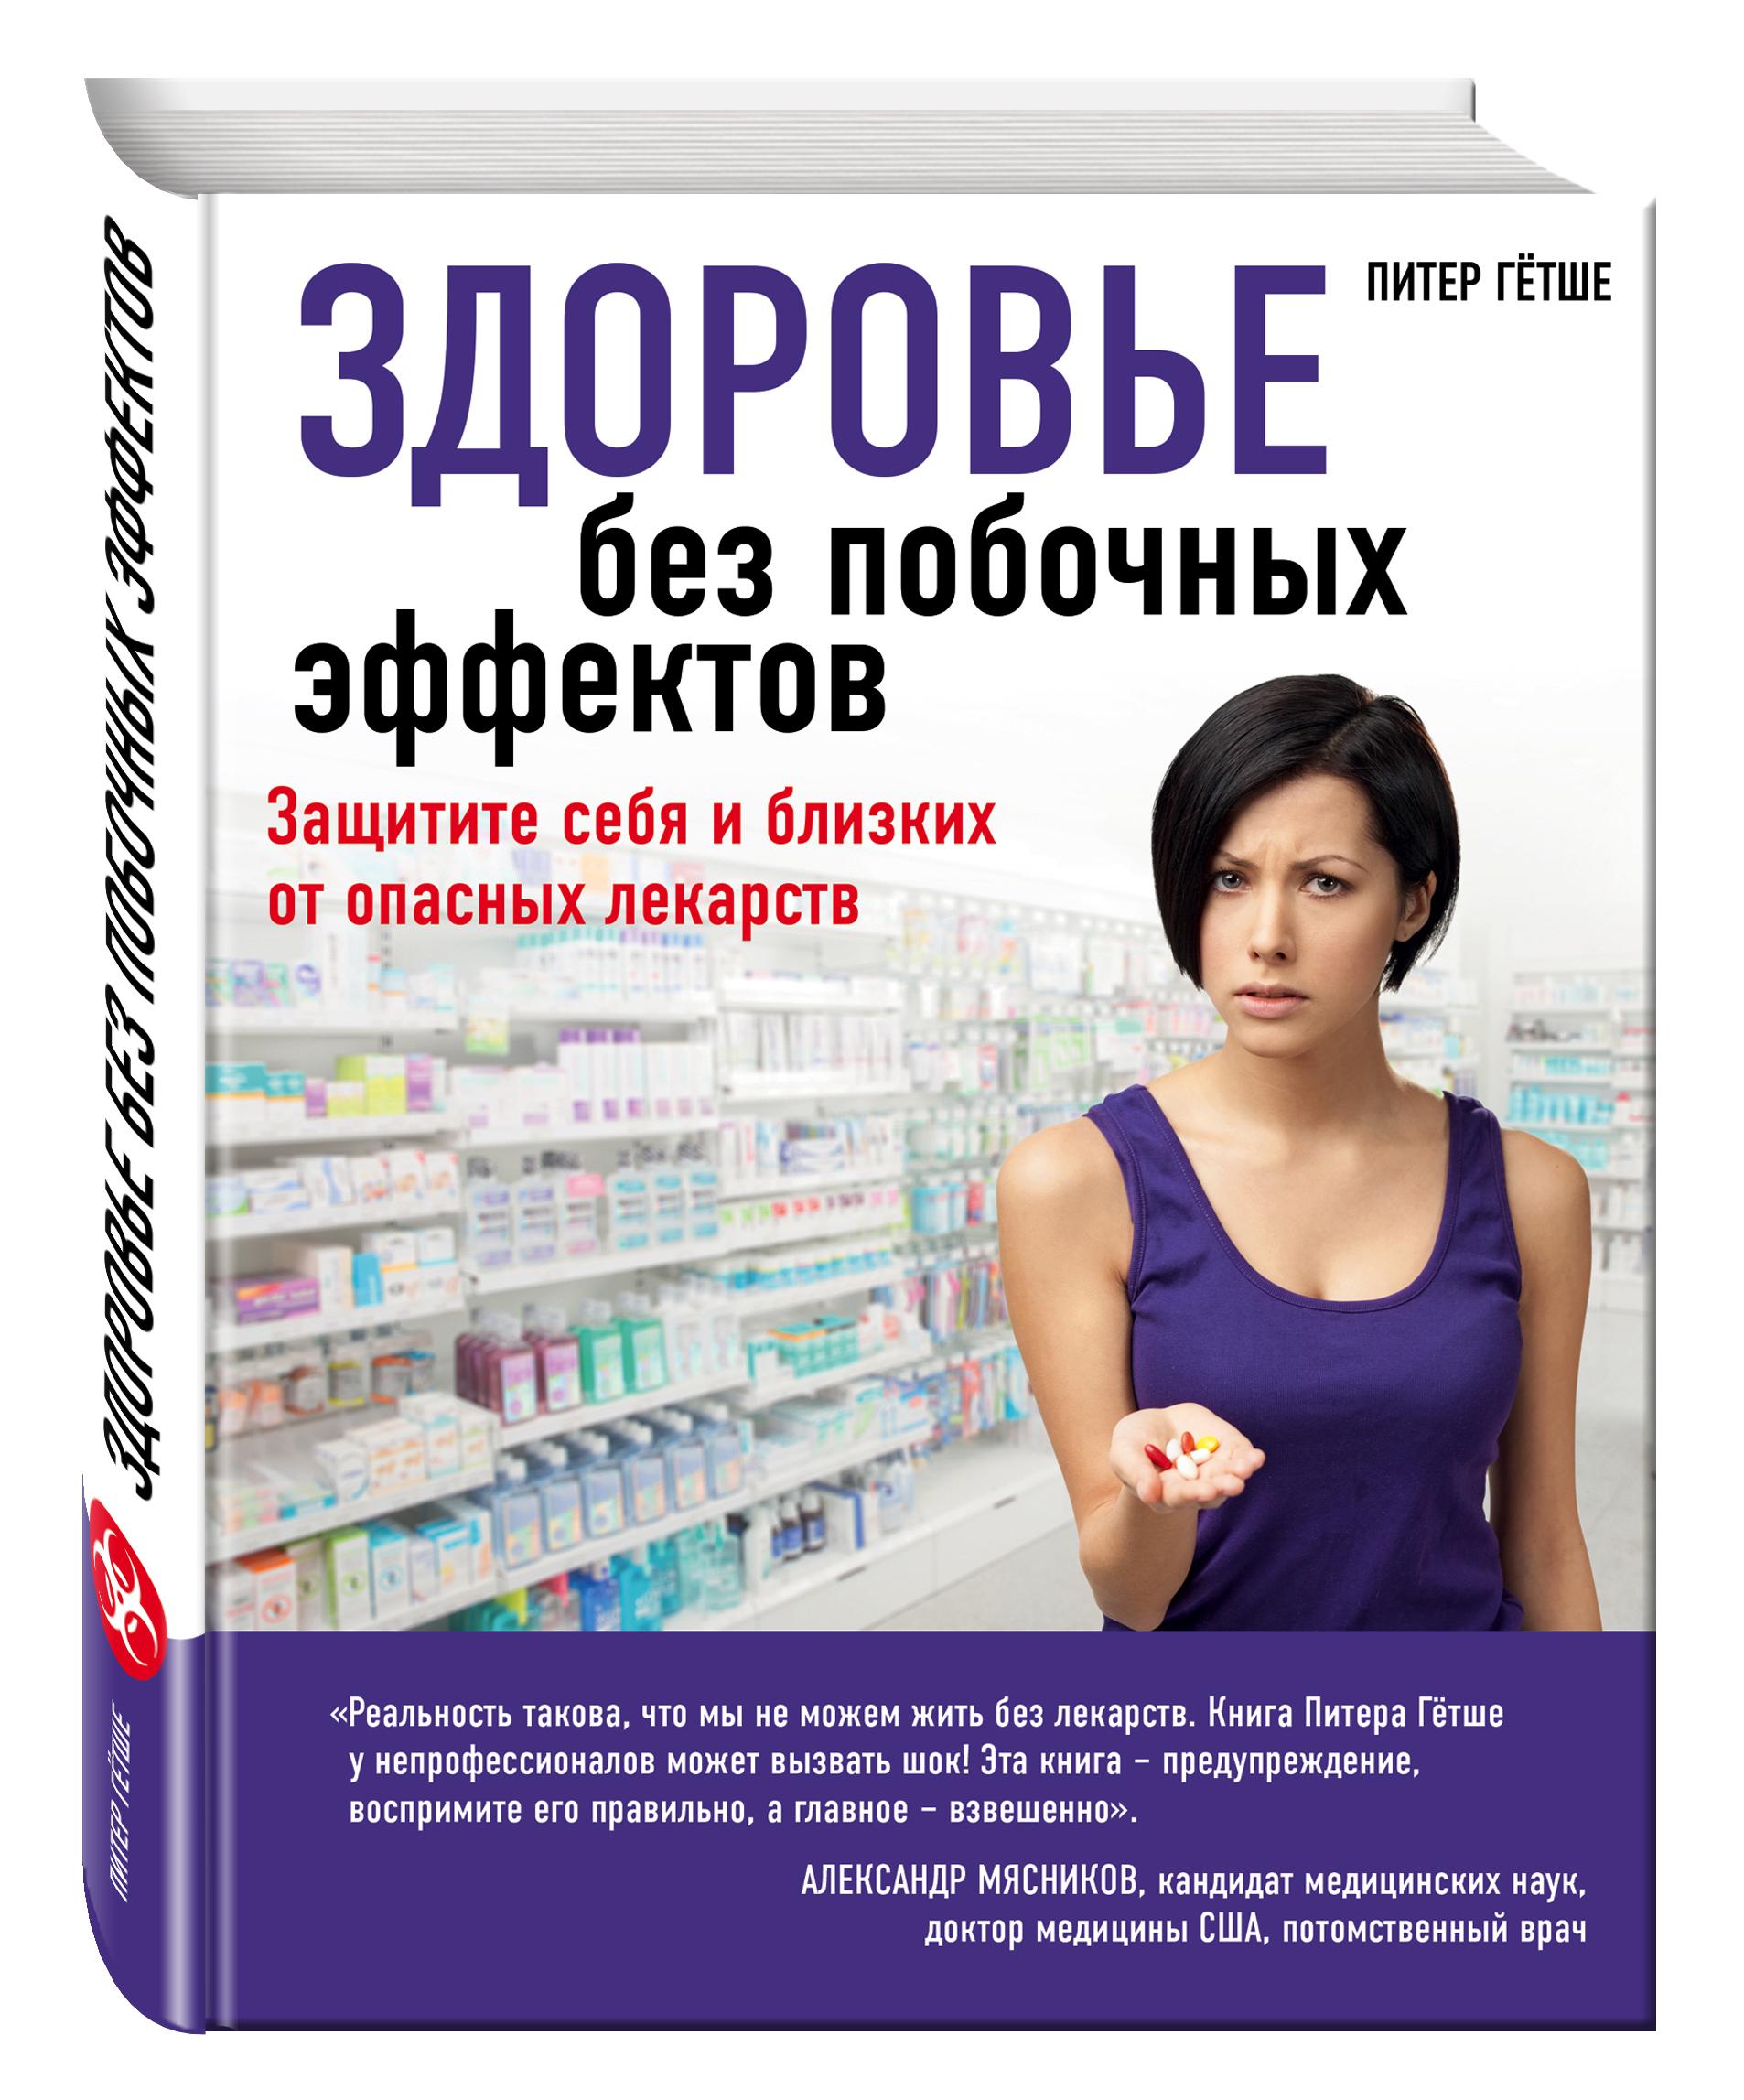 Смертельно опасные лекарства и организованная преступность ( Питер Гётше  )